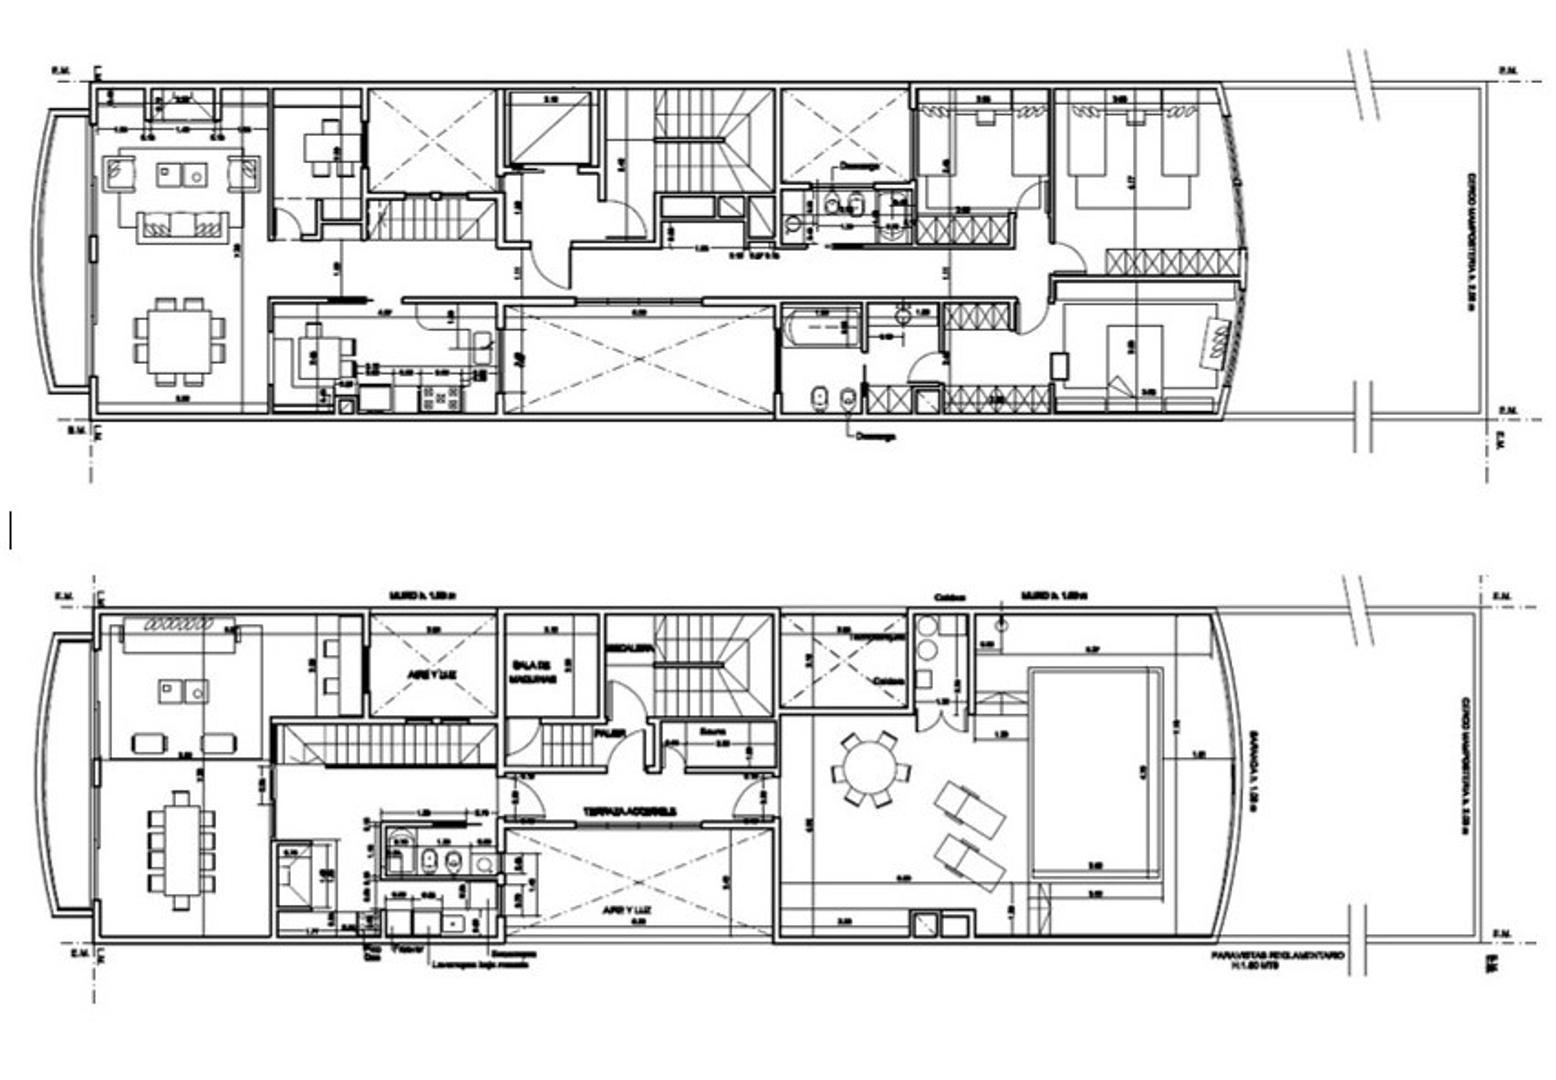 Departamento de 2 plantas completas - Foto 28